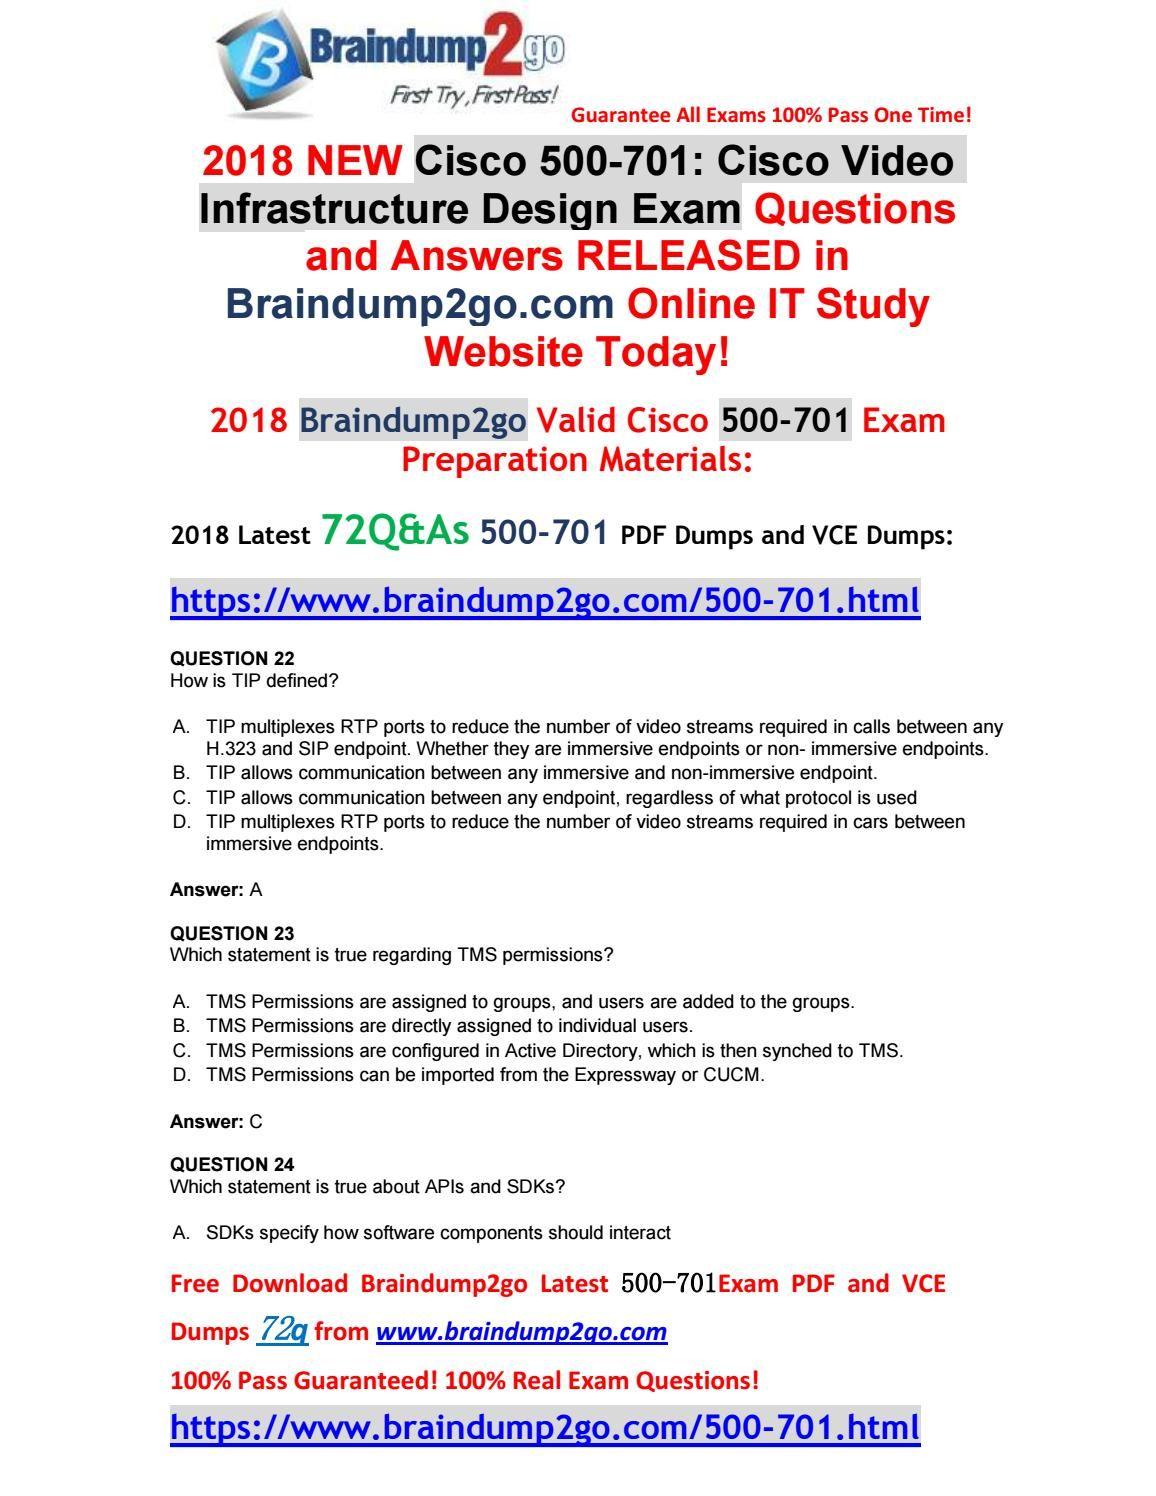 2018 new cisco exam 500 701 vce dumps 72q\u0026as free share(22 322018 new cisco exam 500 701 vce dumps 72q\u0026as free share(22 32)